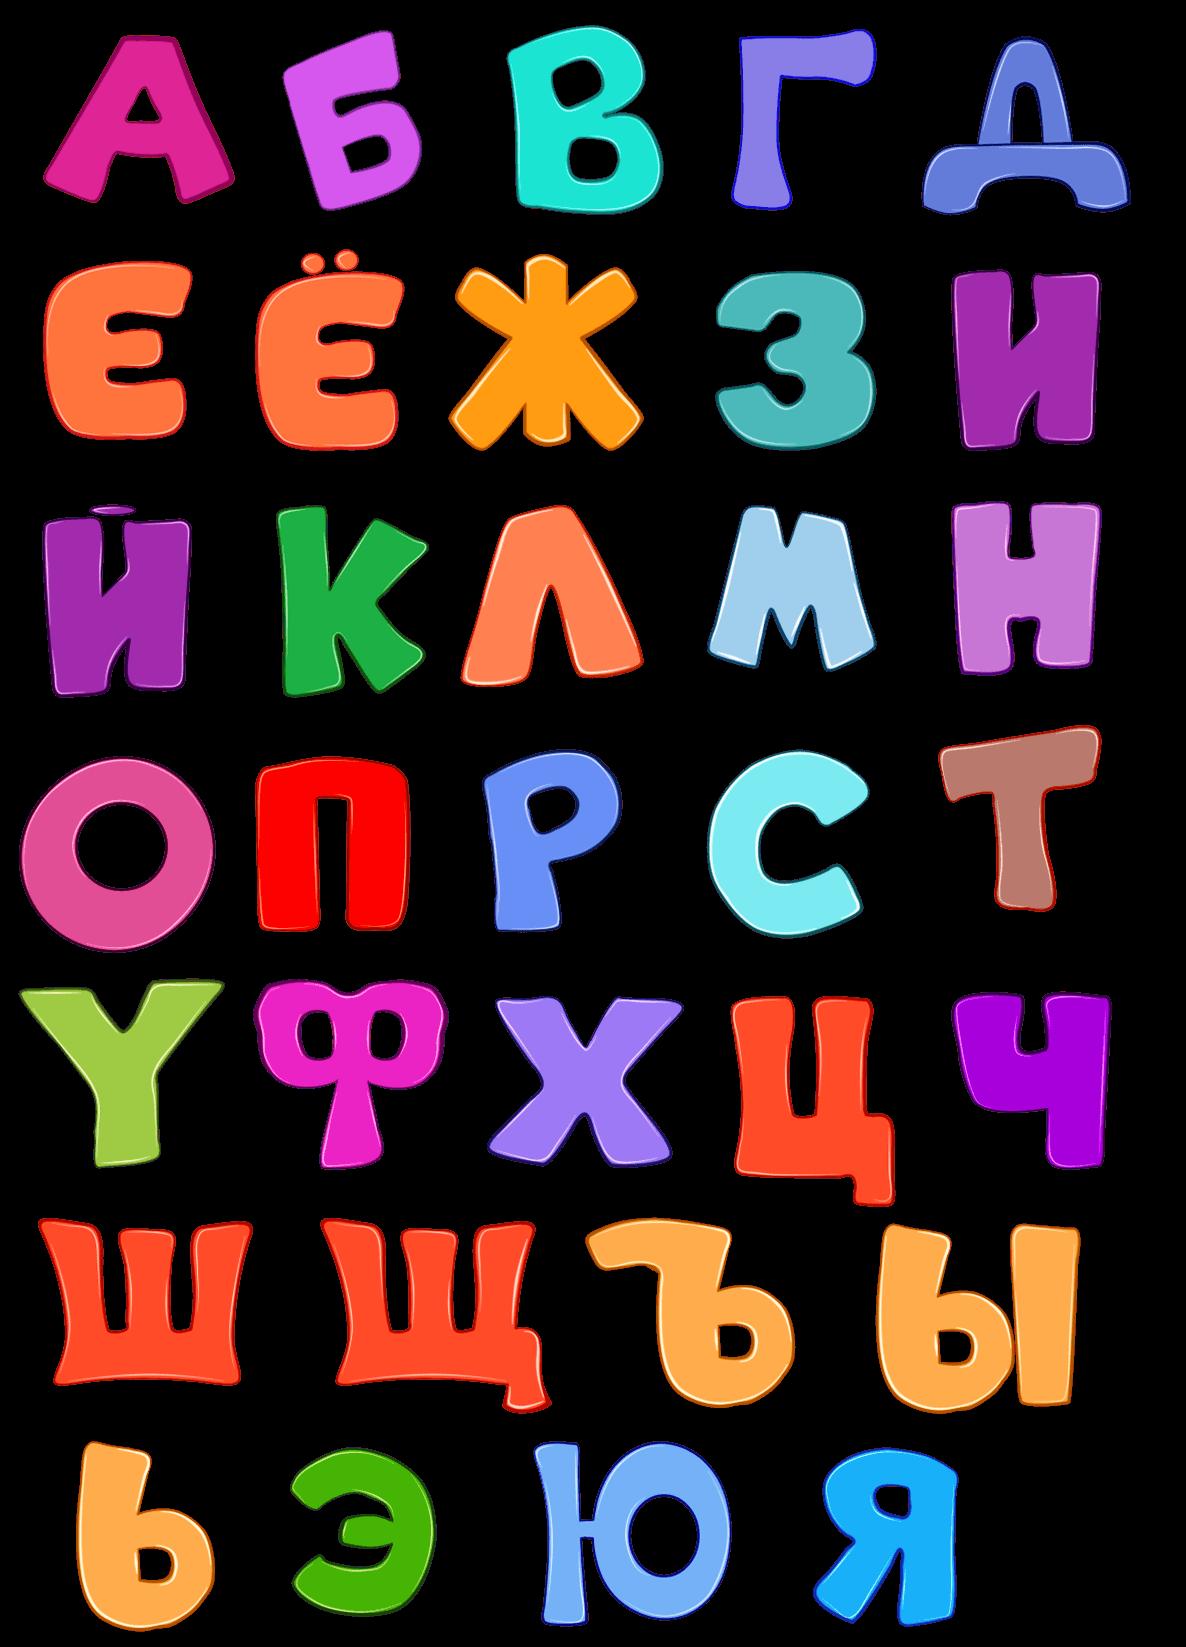 алфавит русский красивые буквы картинки фрукты